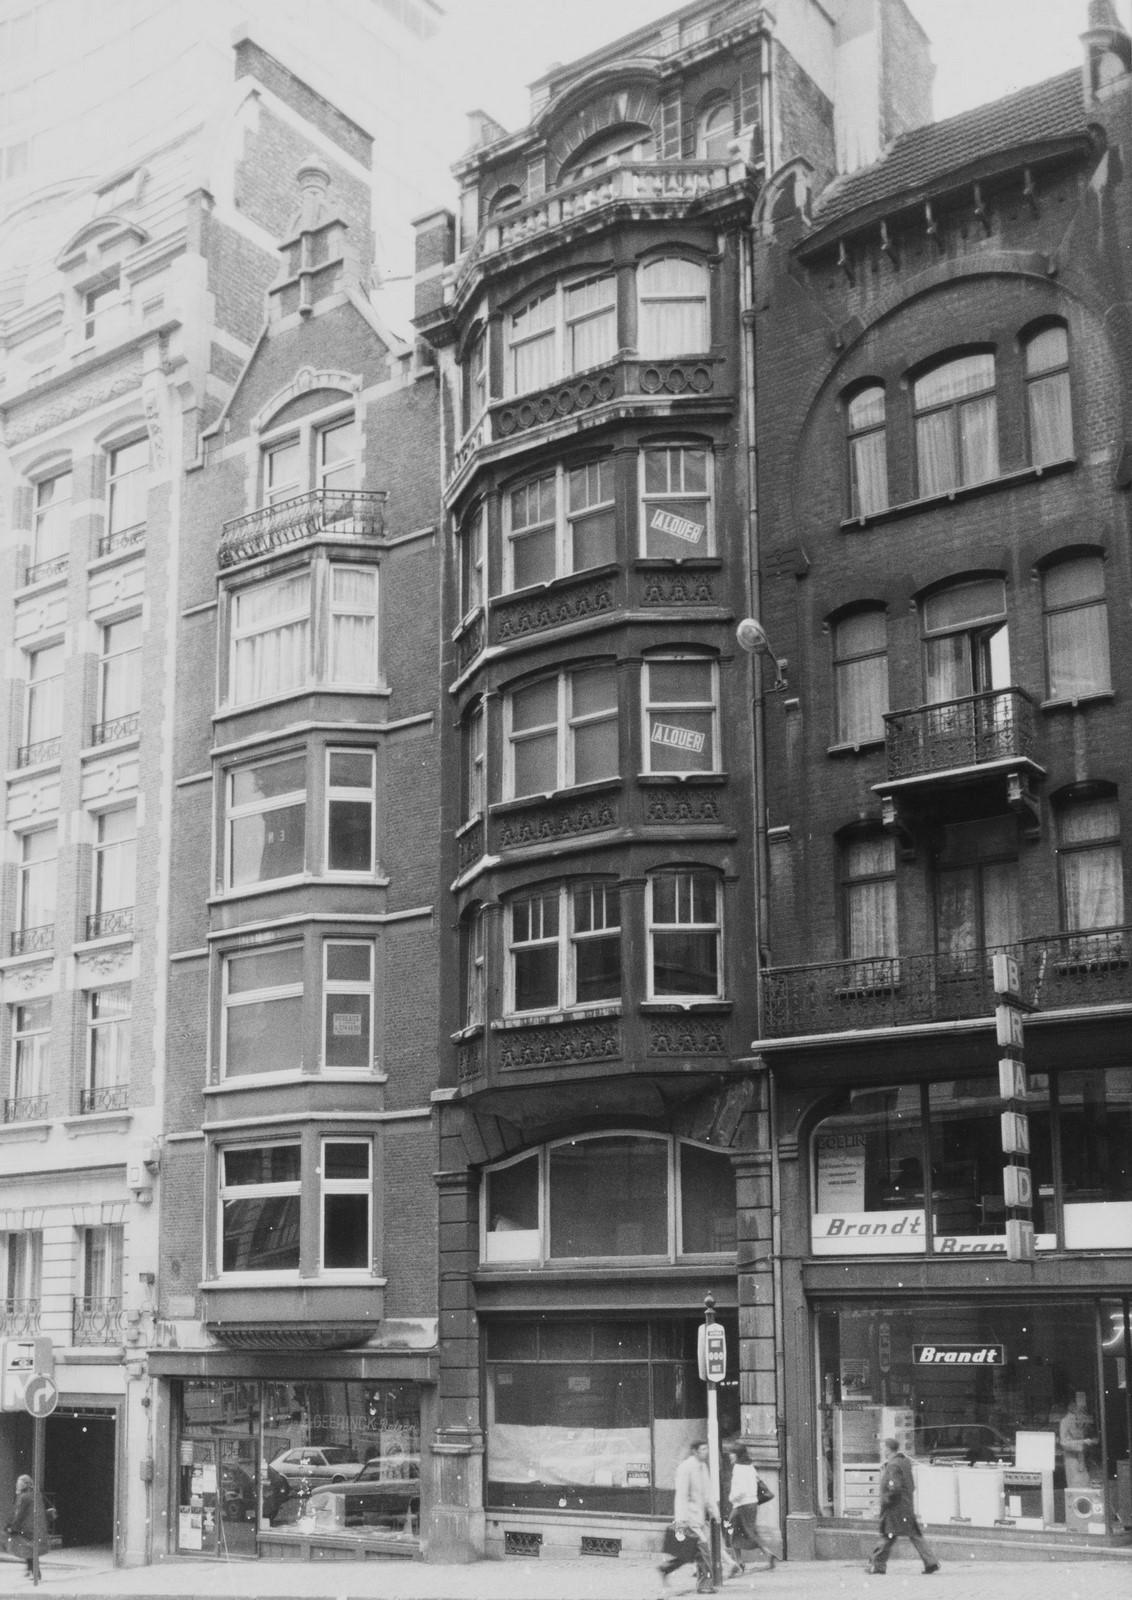 rue des Colonies 10., 1980